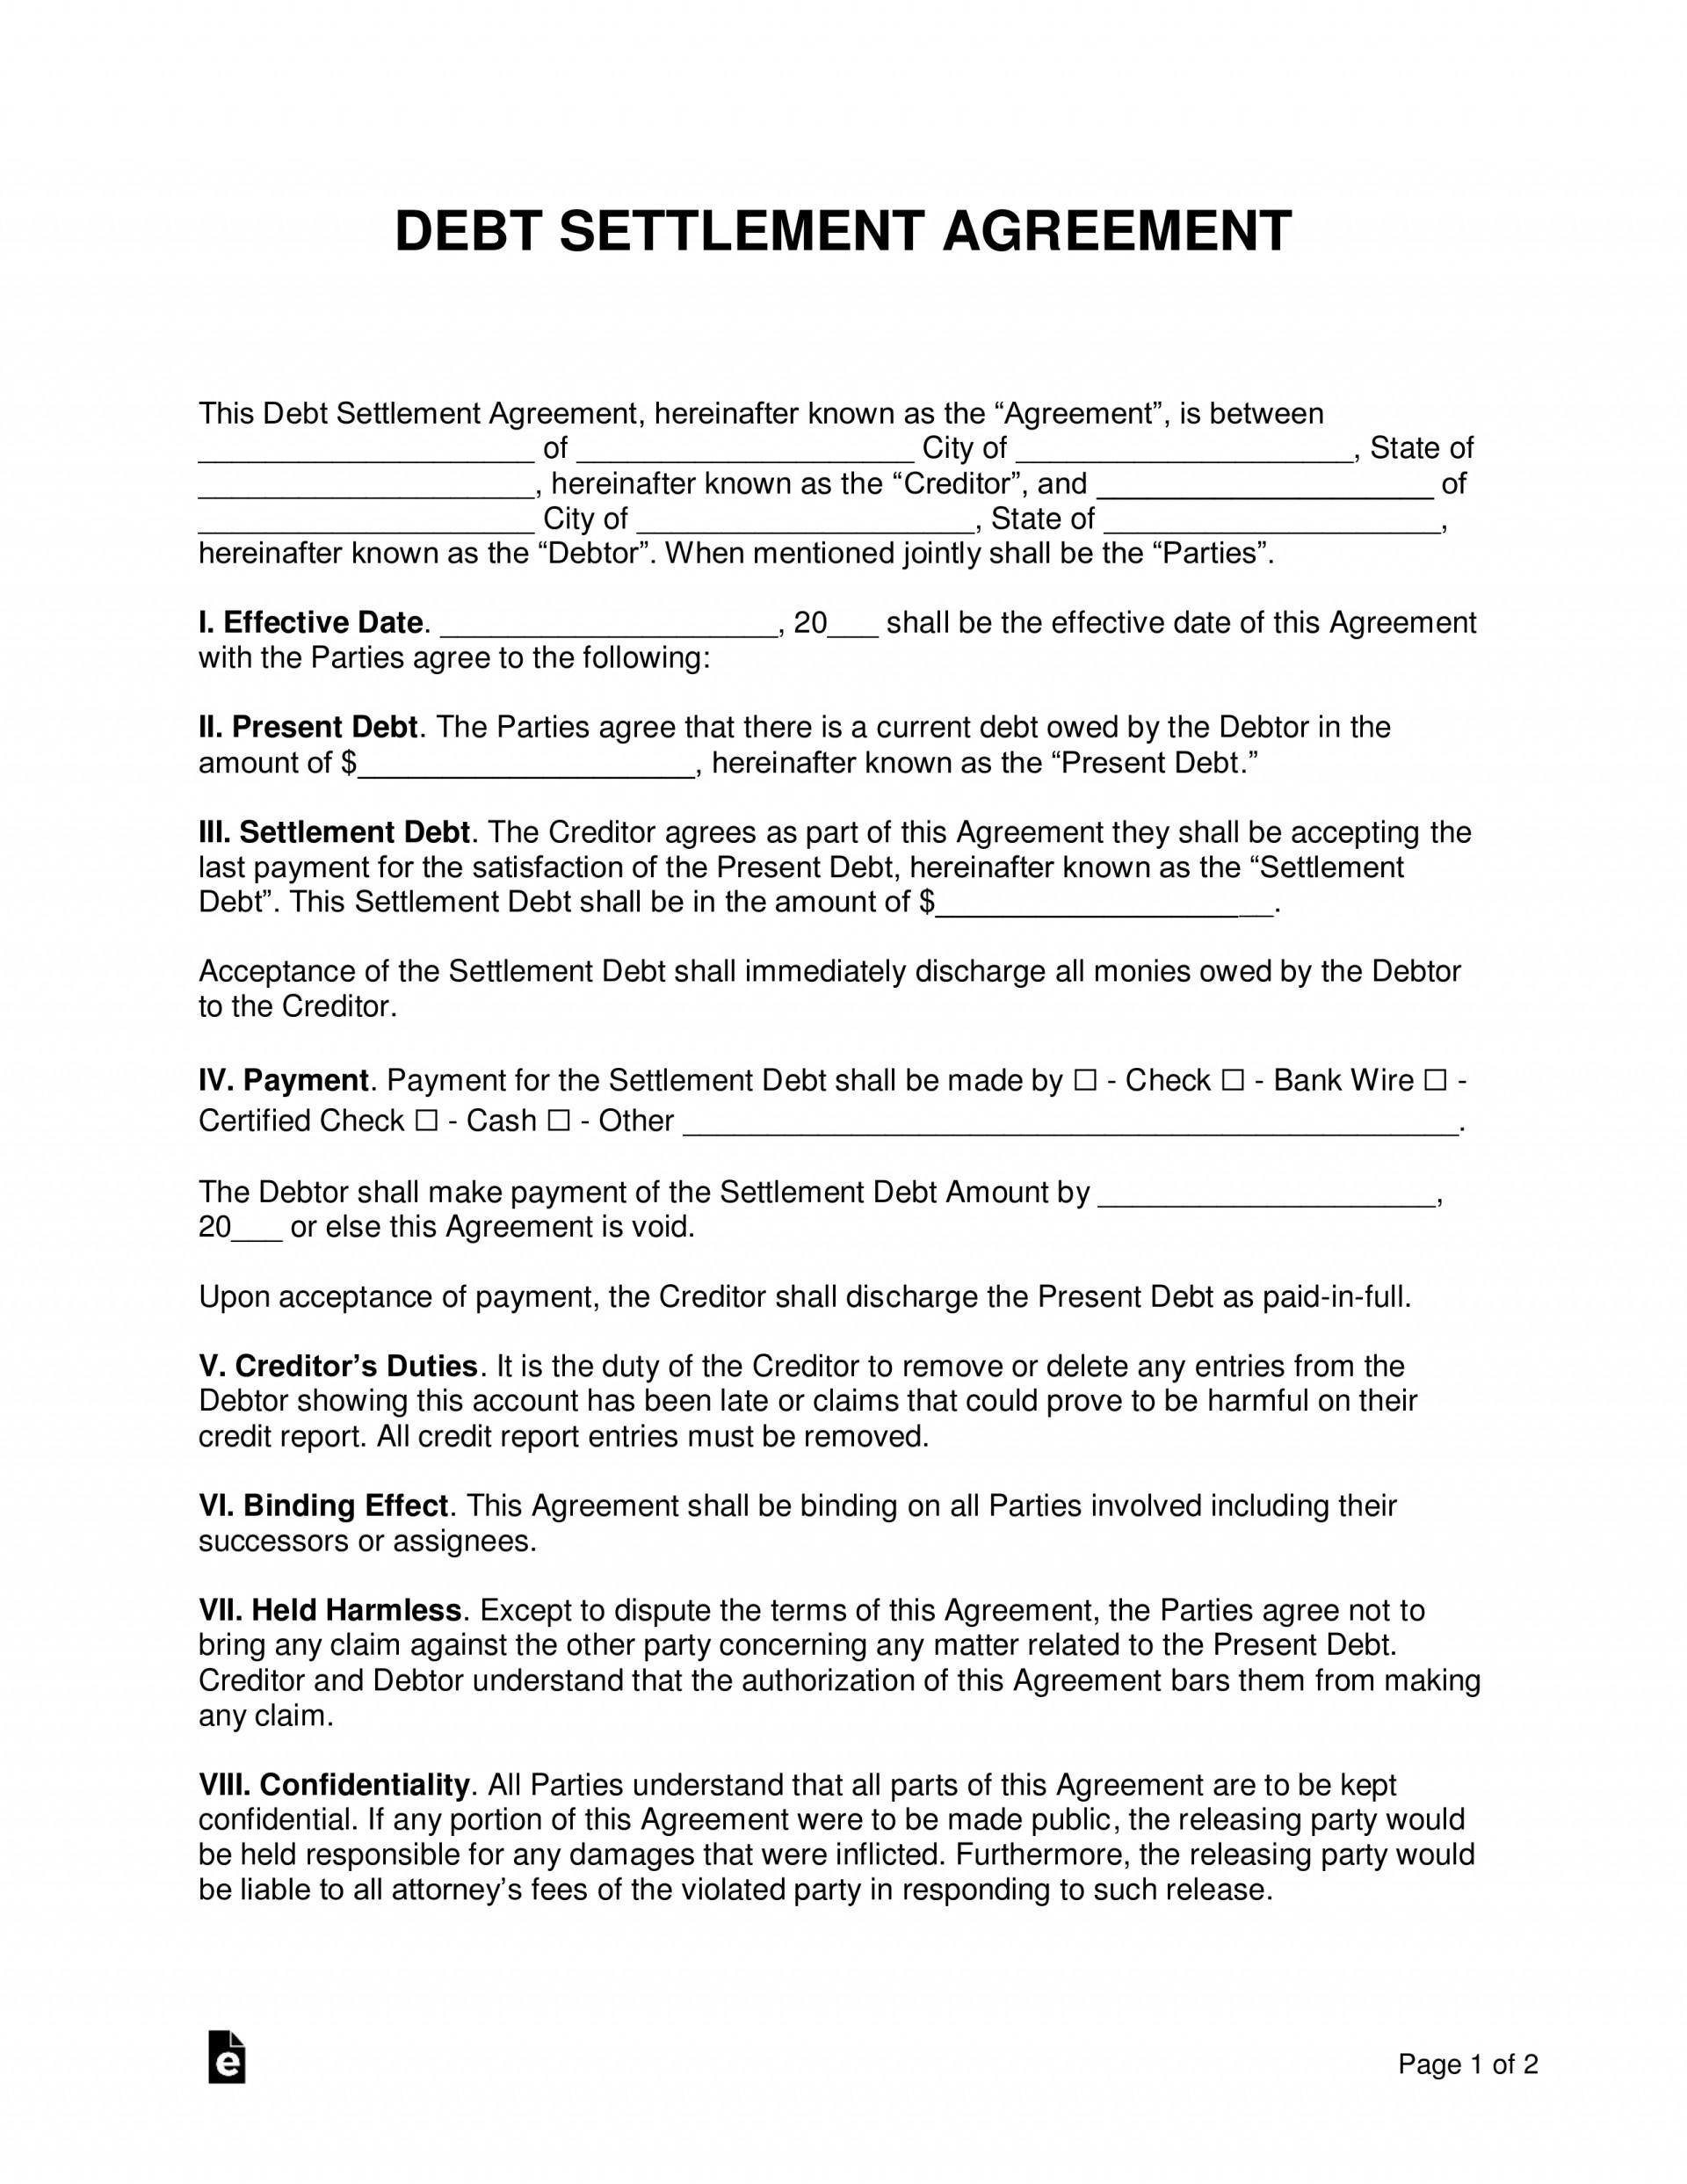 Debt Settlement Agreement Template Uk